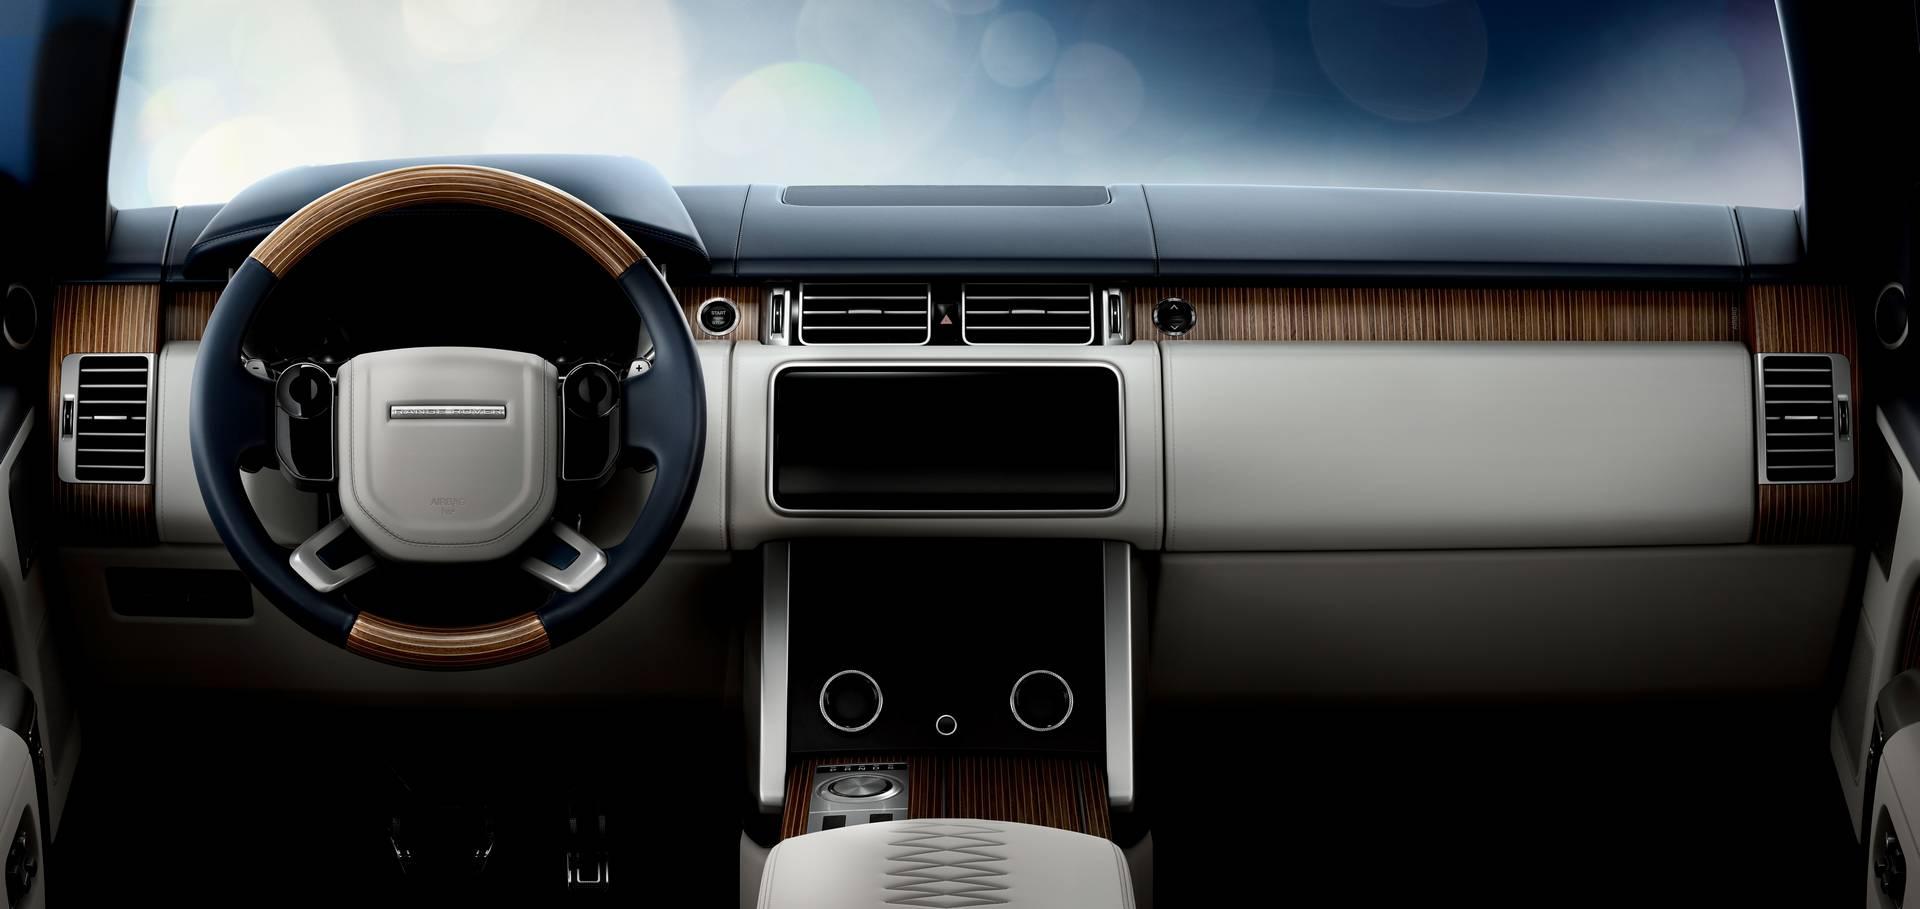 Компания развивает текущий дизайн Range Rover. Передний бампер слегка переделан и получил более глубокий серебряный цвет под решеткой радиатора и переработанные водухозаборные отверстия. Боковые воздухозаборники, характерные для современного Range Ro